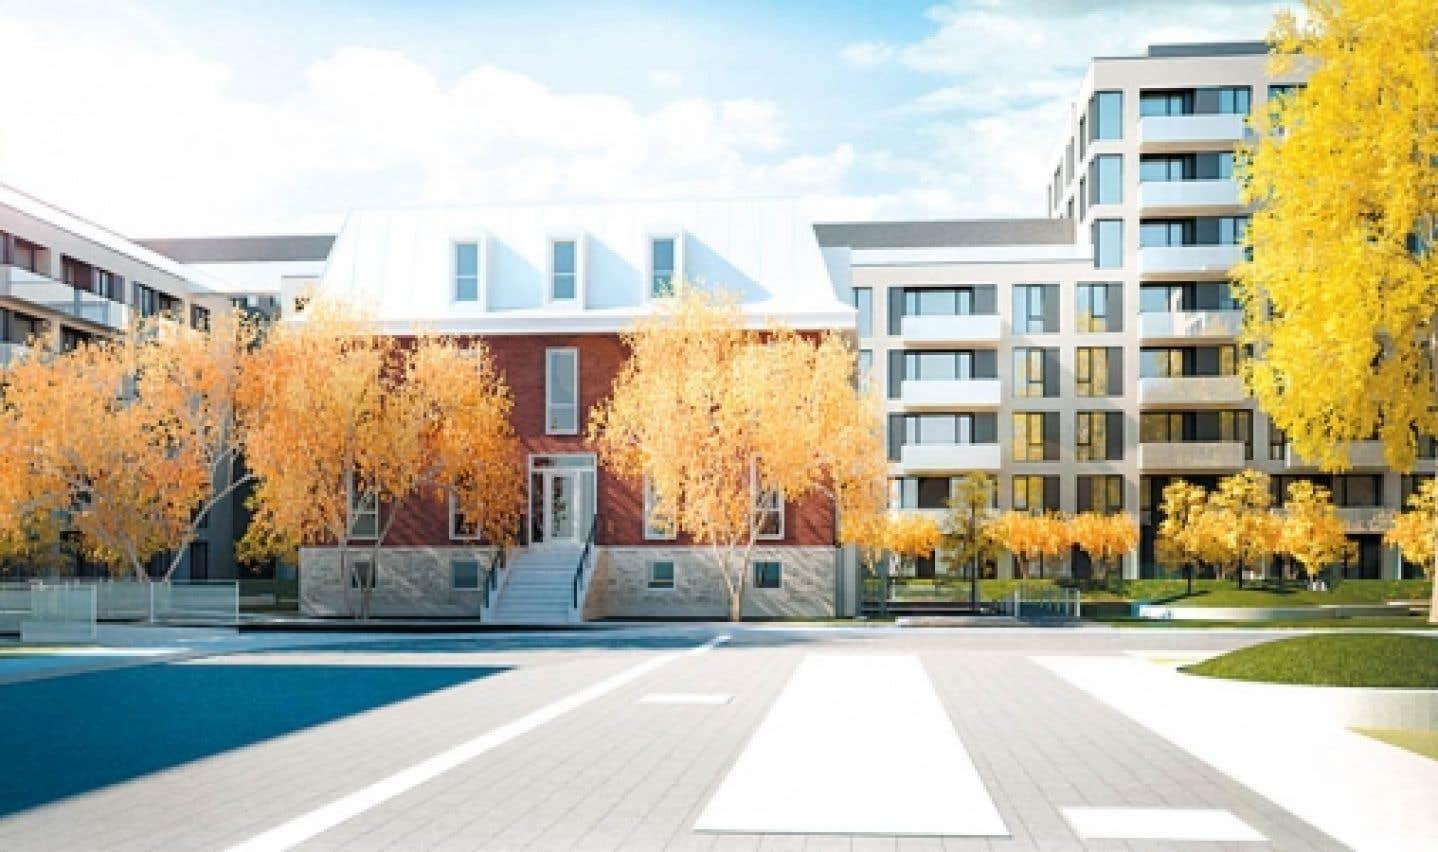 La fenestration des condominiums de la première phase du U31 est abondante, de sorte que les unités profitent de la lumière du jour.